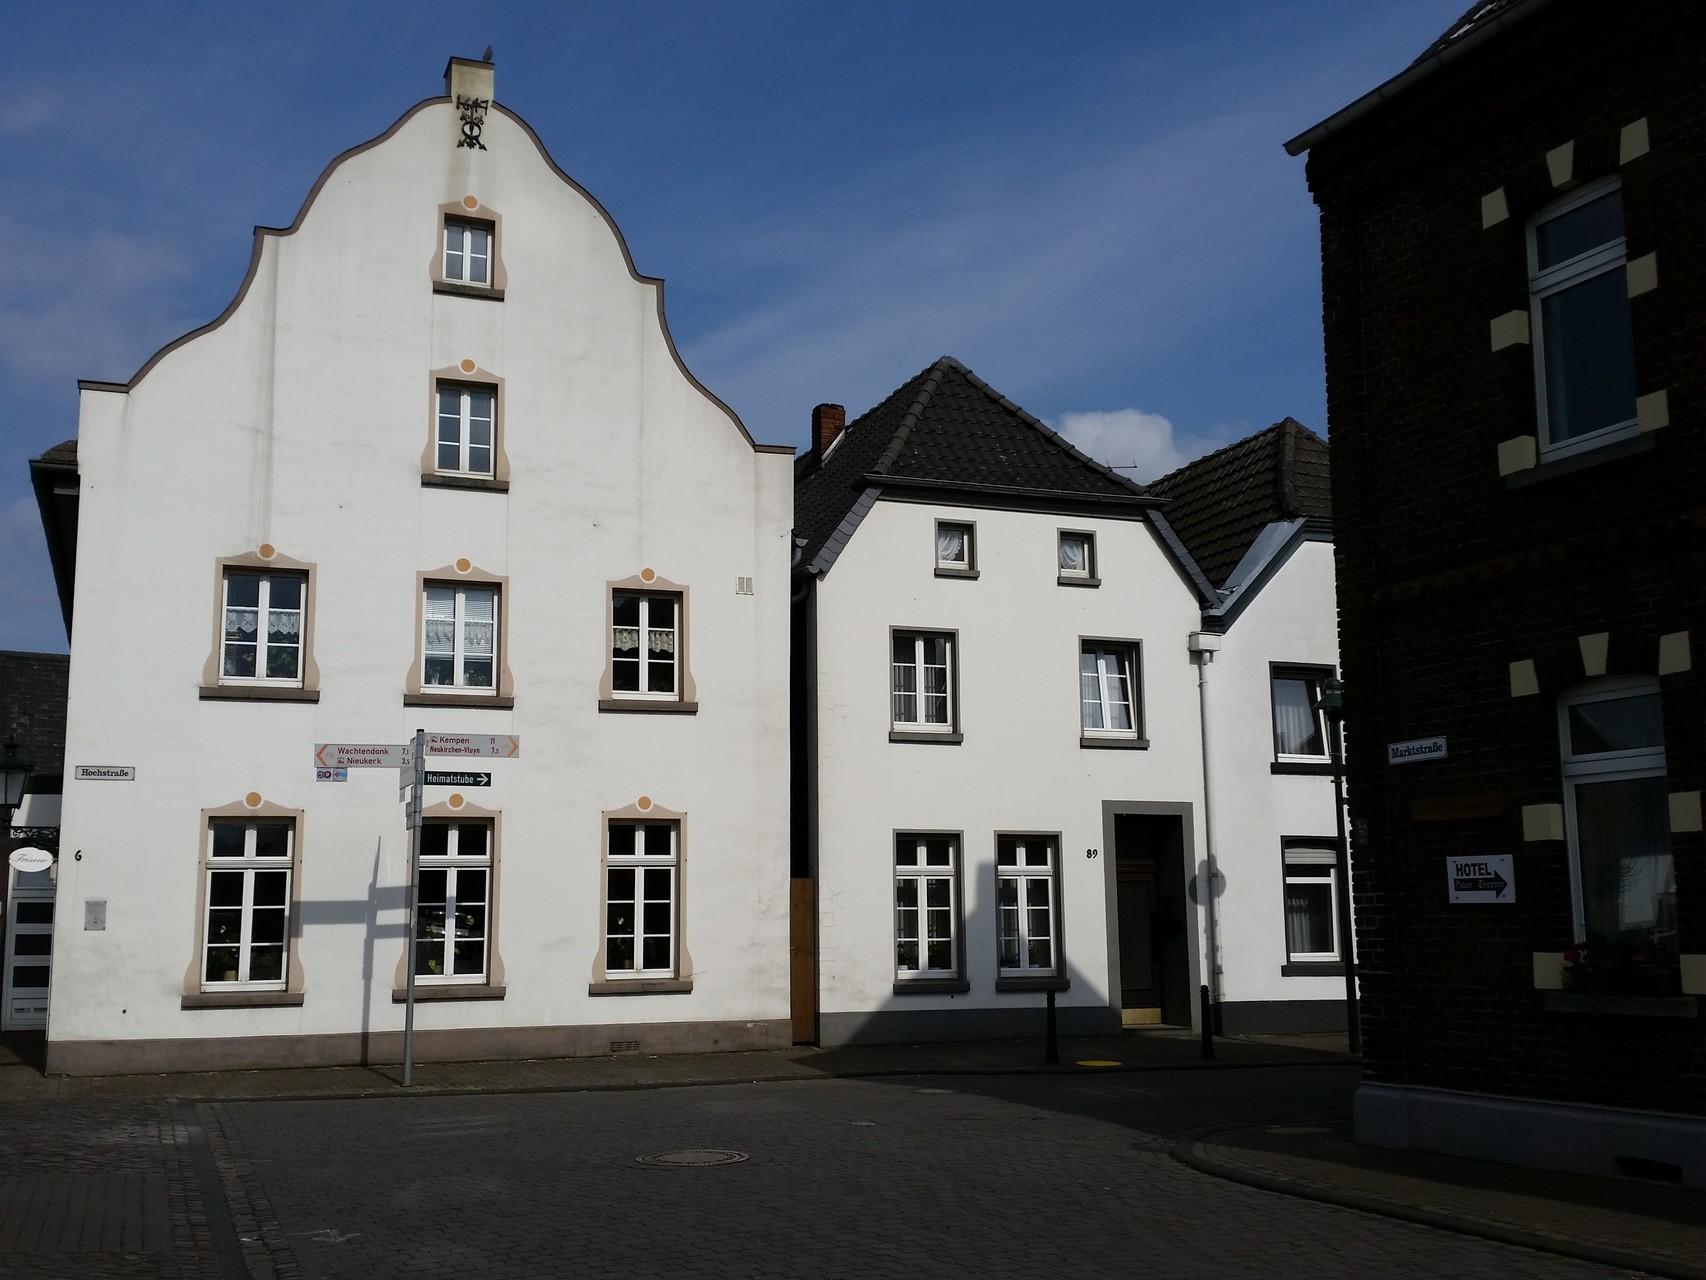 Historische Häuser an der Ecke Hochstraße / kleiner Markt